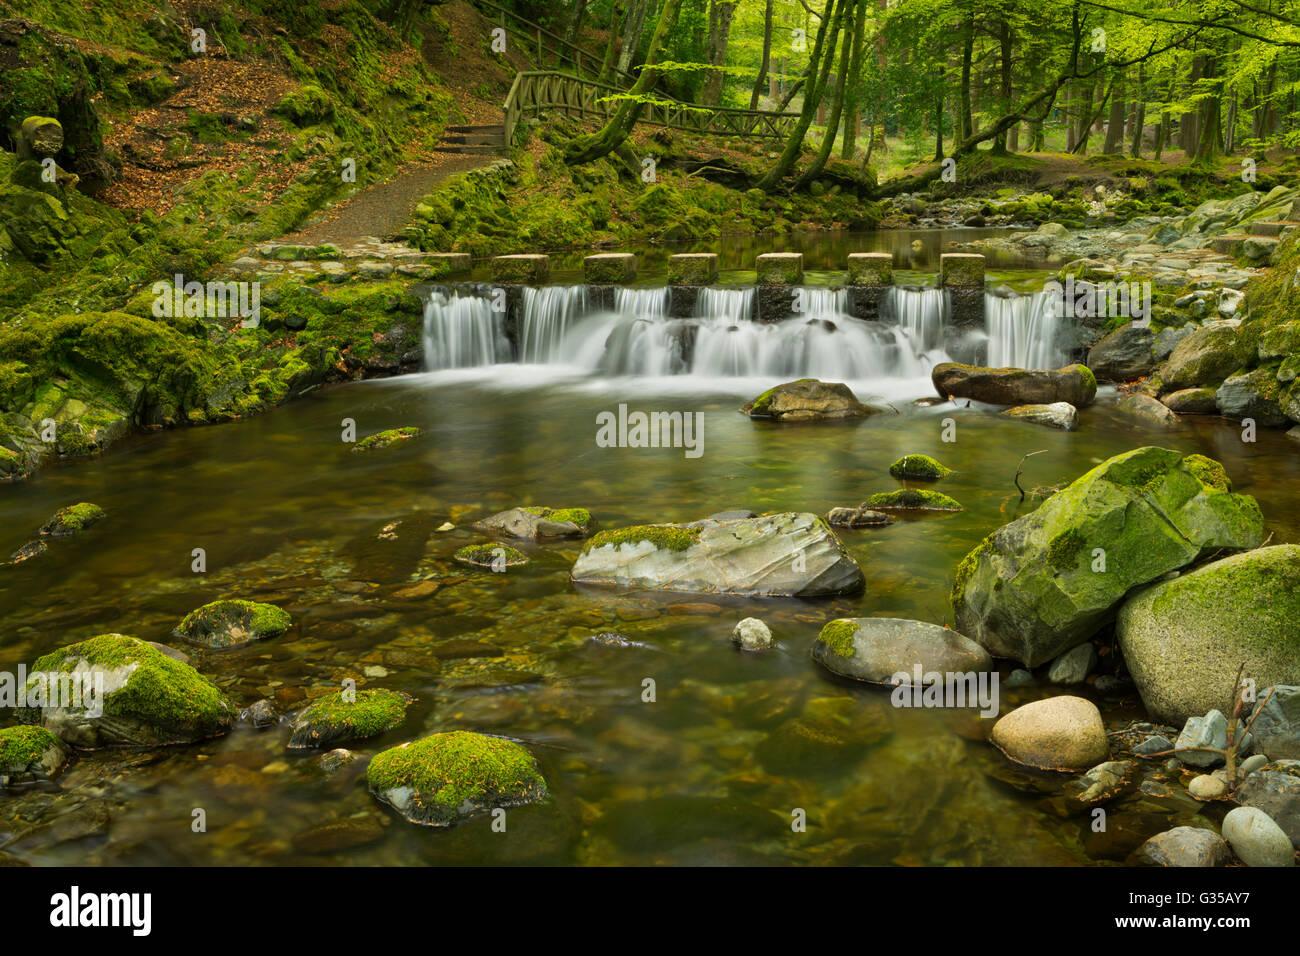 Durante el Shimna Stepping Stones River en Tollymore Park en Irlanda del Norte. Foto de stock